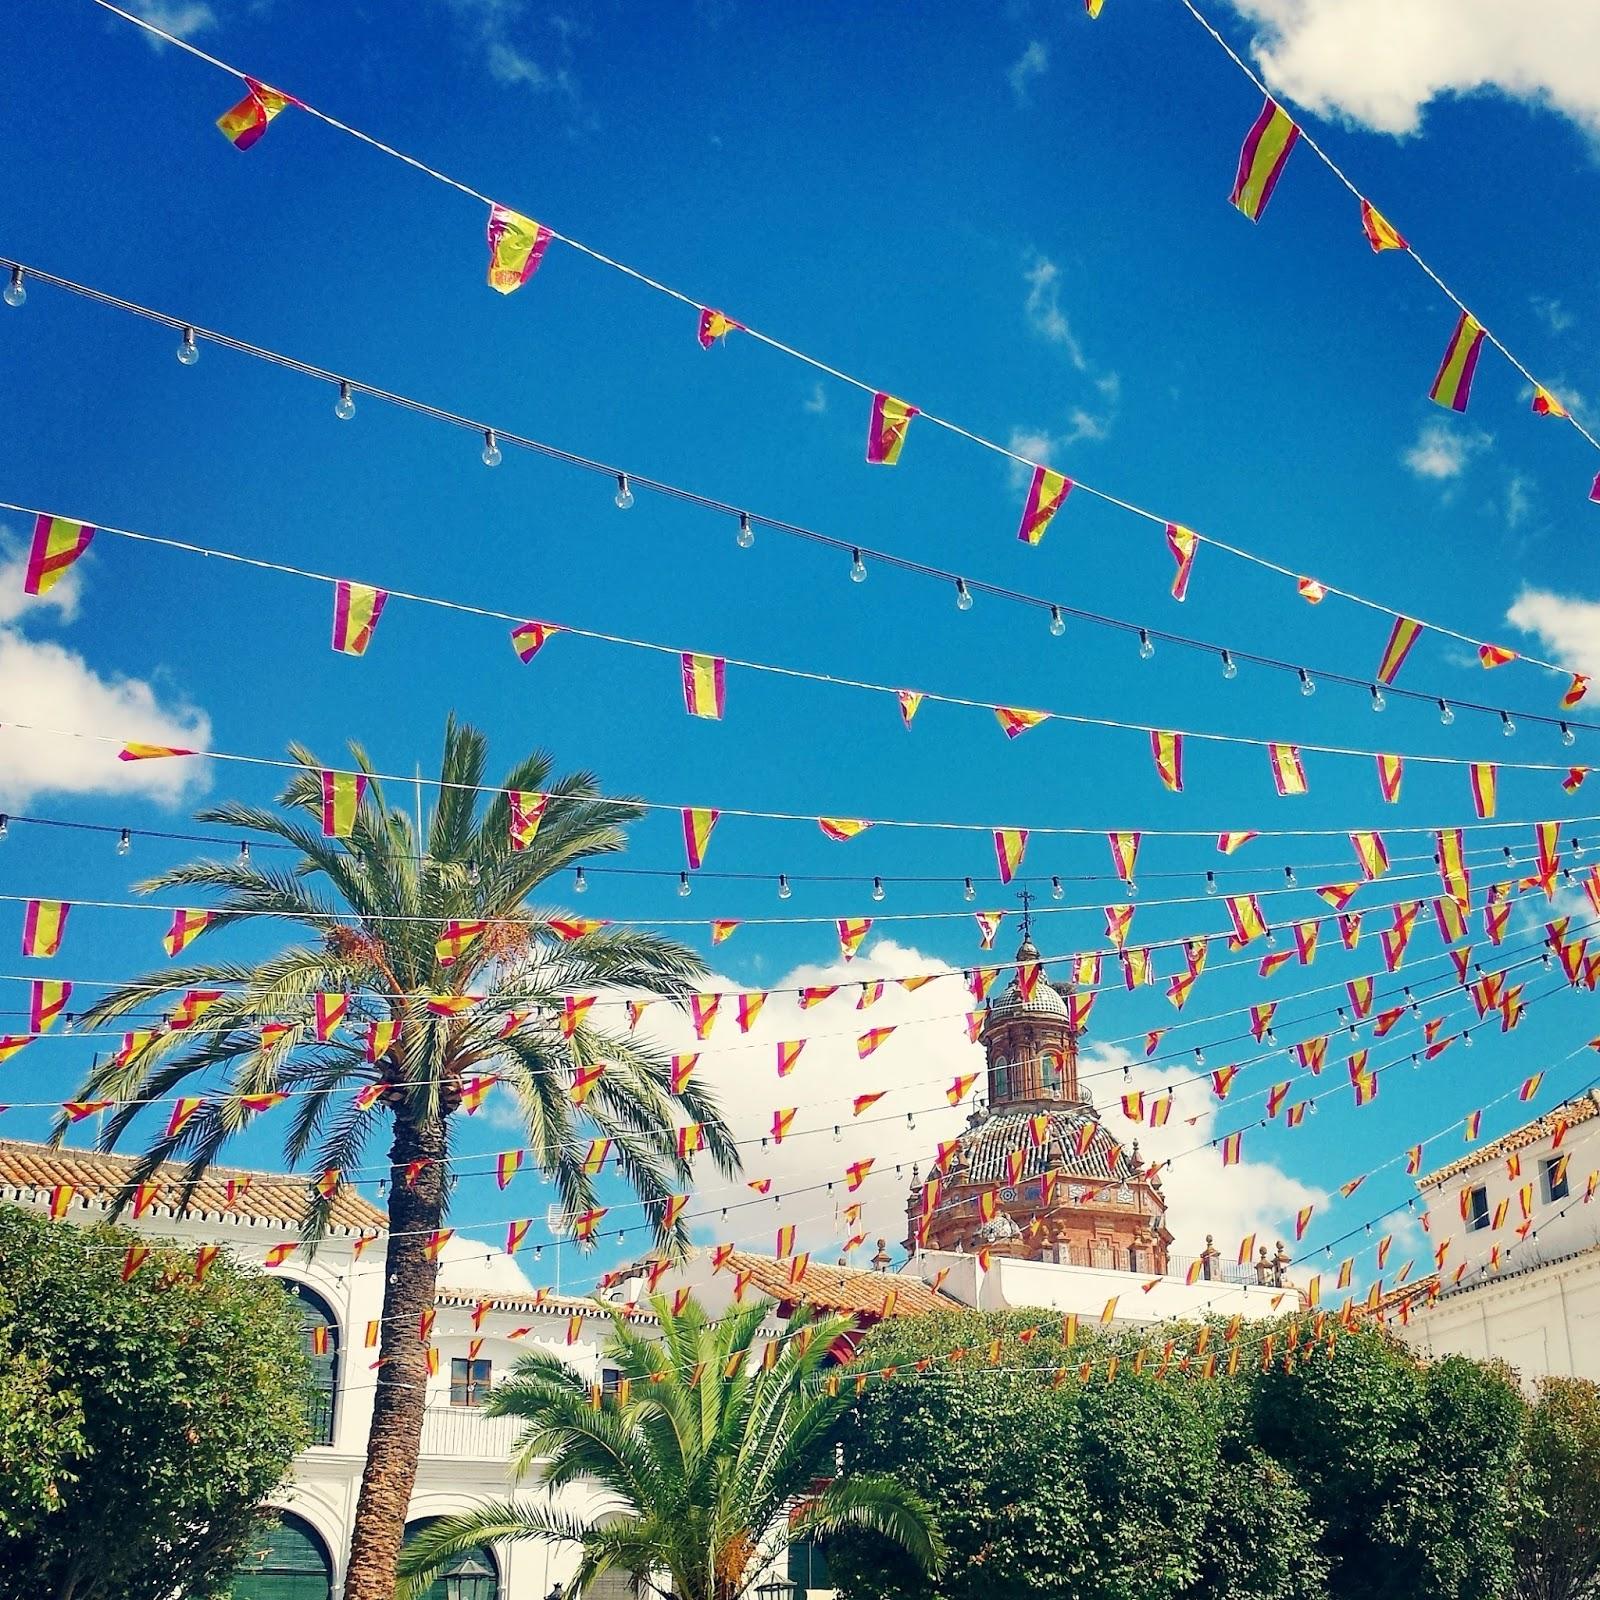 Carmona carnival  |  Postcard from Andalucía: Jerez + Carmona  on afeathery*nest  |  http://afeatherynest.com